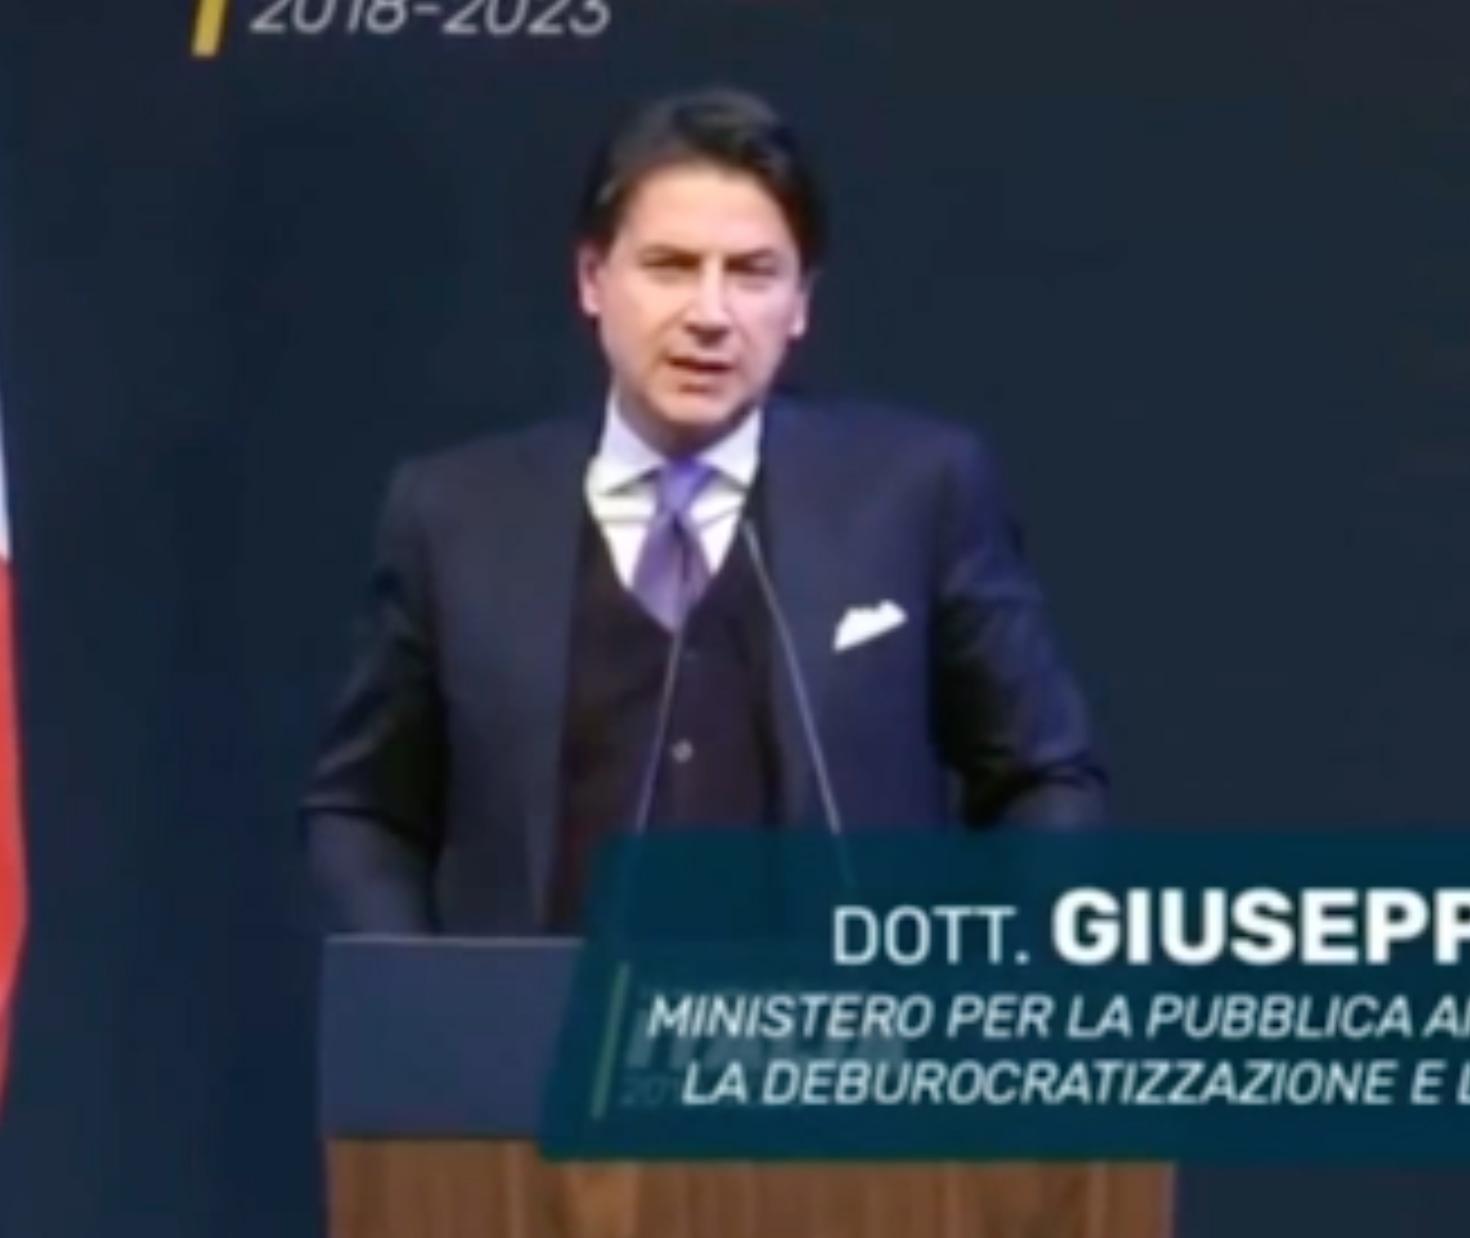 Giuseppe Conte Che Cosa Pensa Il Futuro Premier Di Stamina